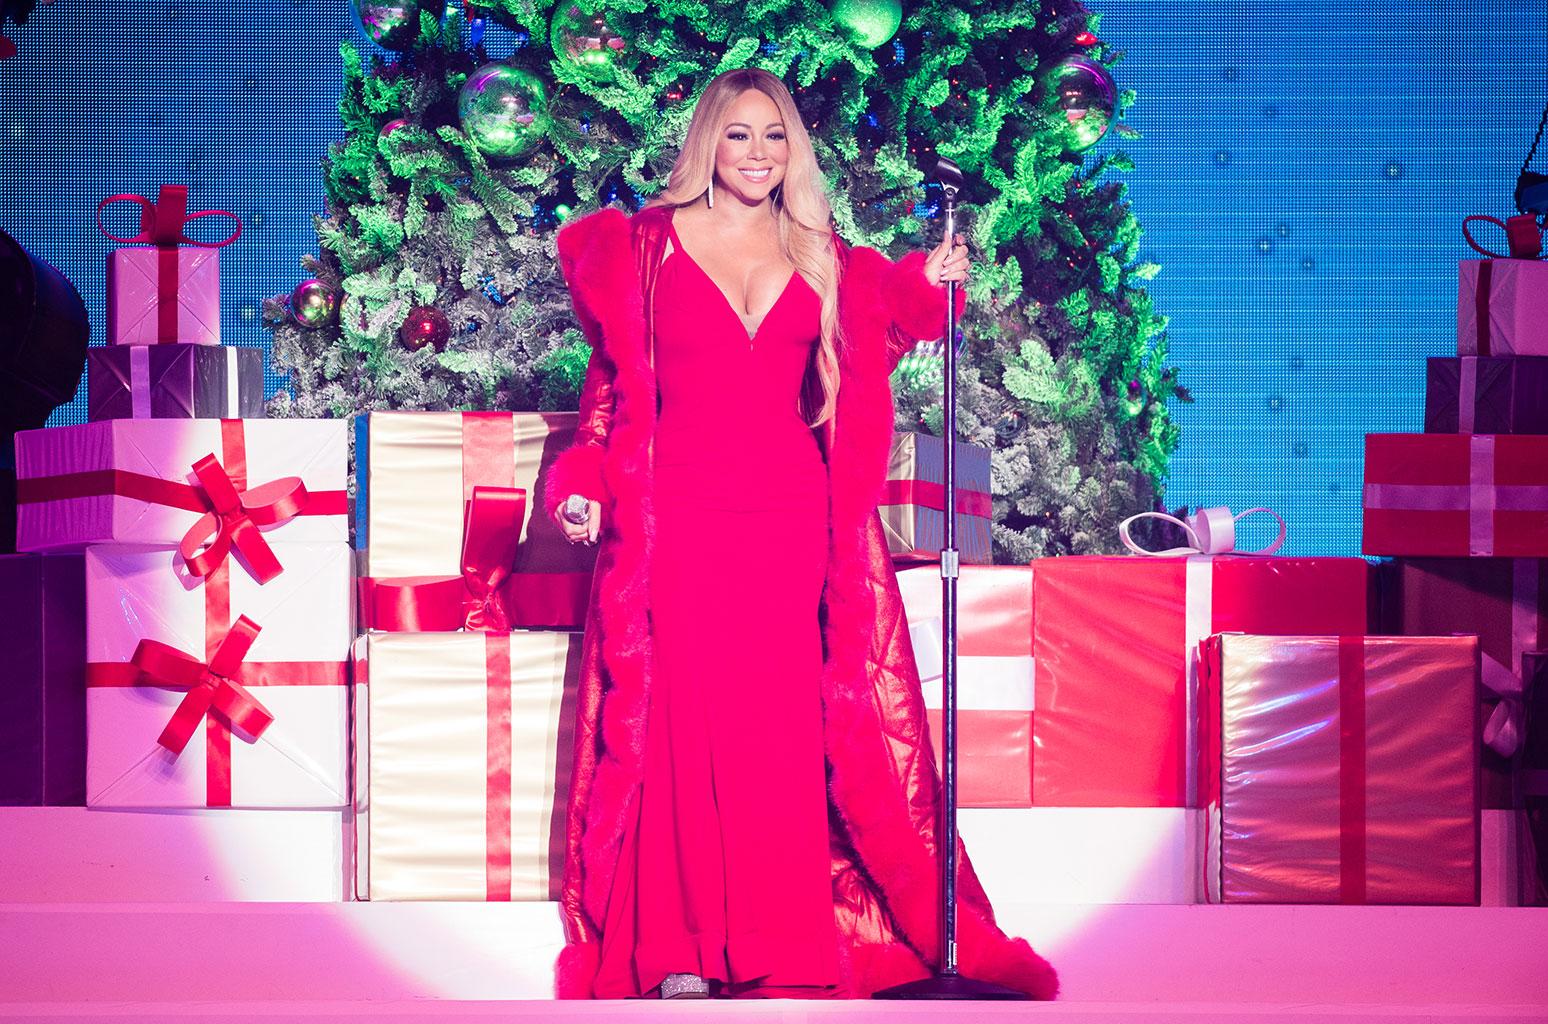 Mariah Carey arranca la Navidad con